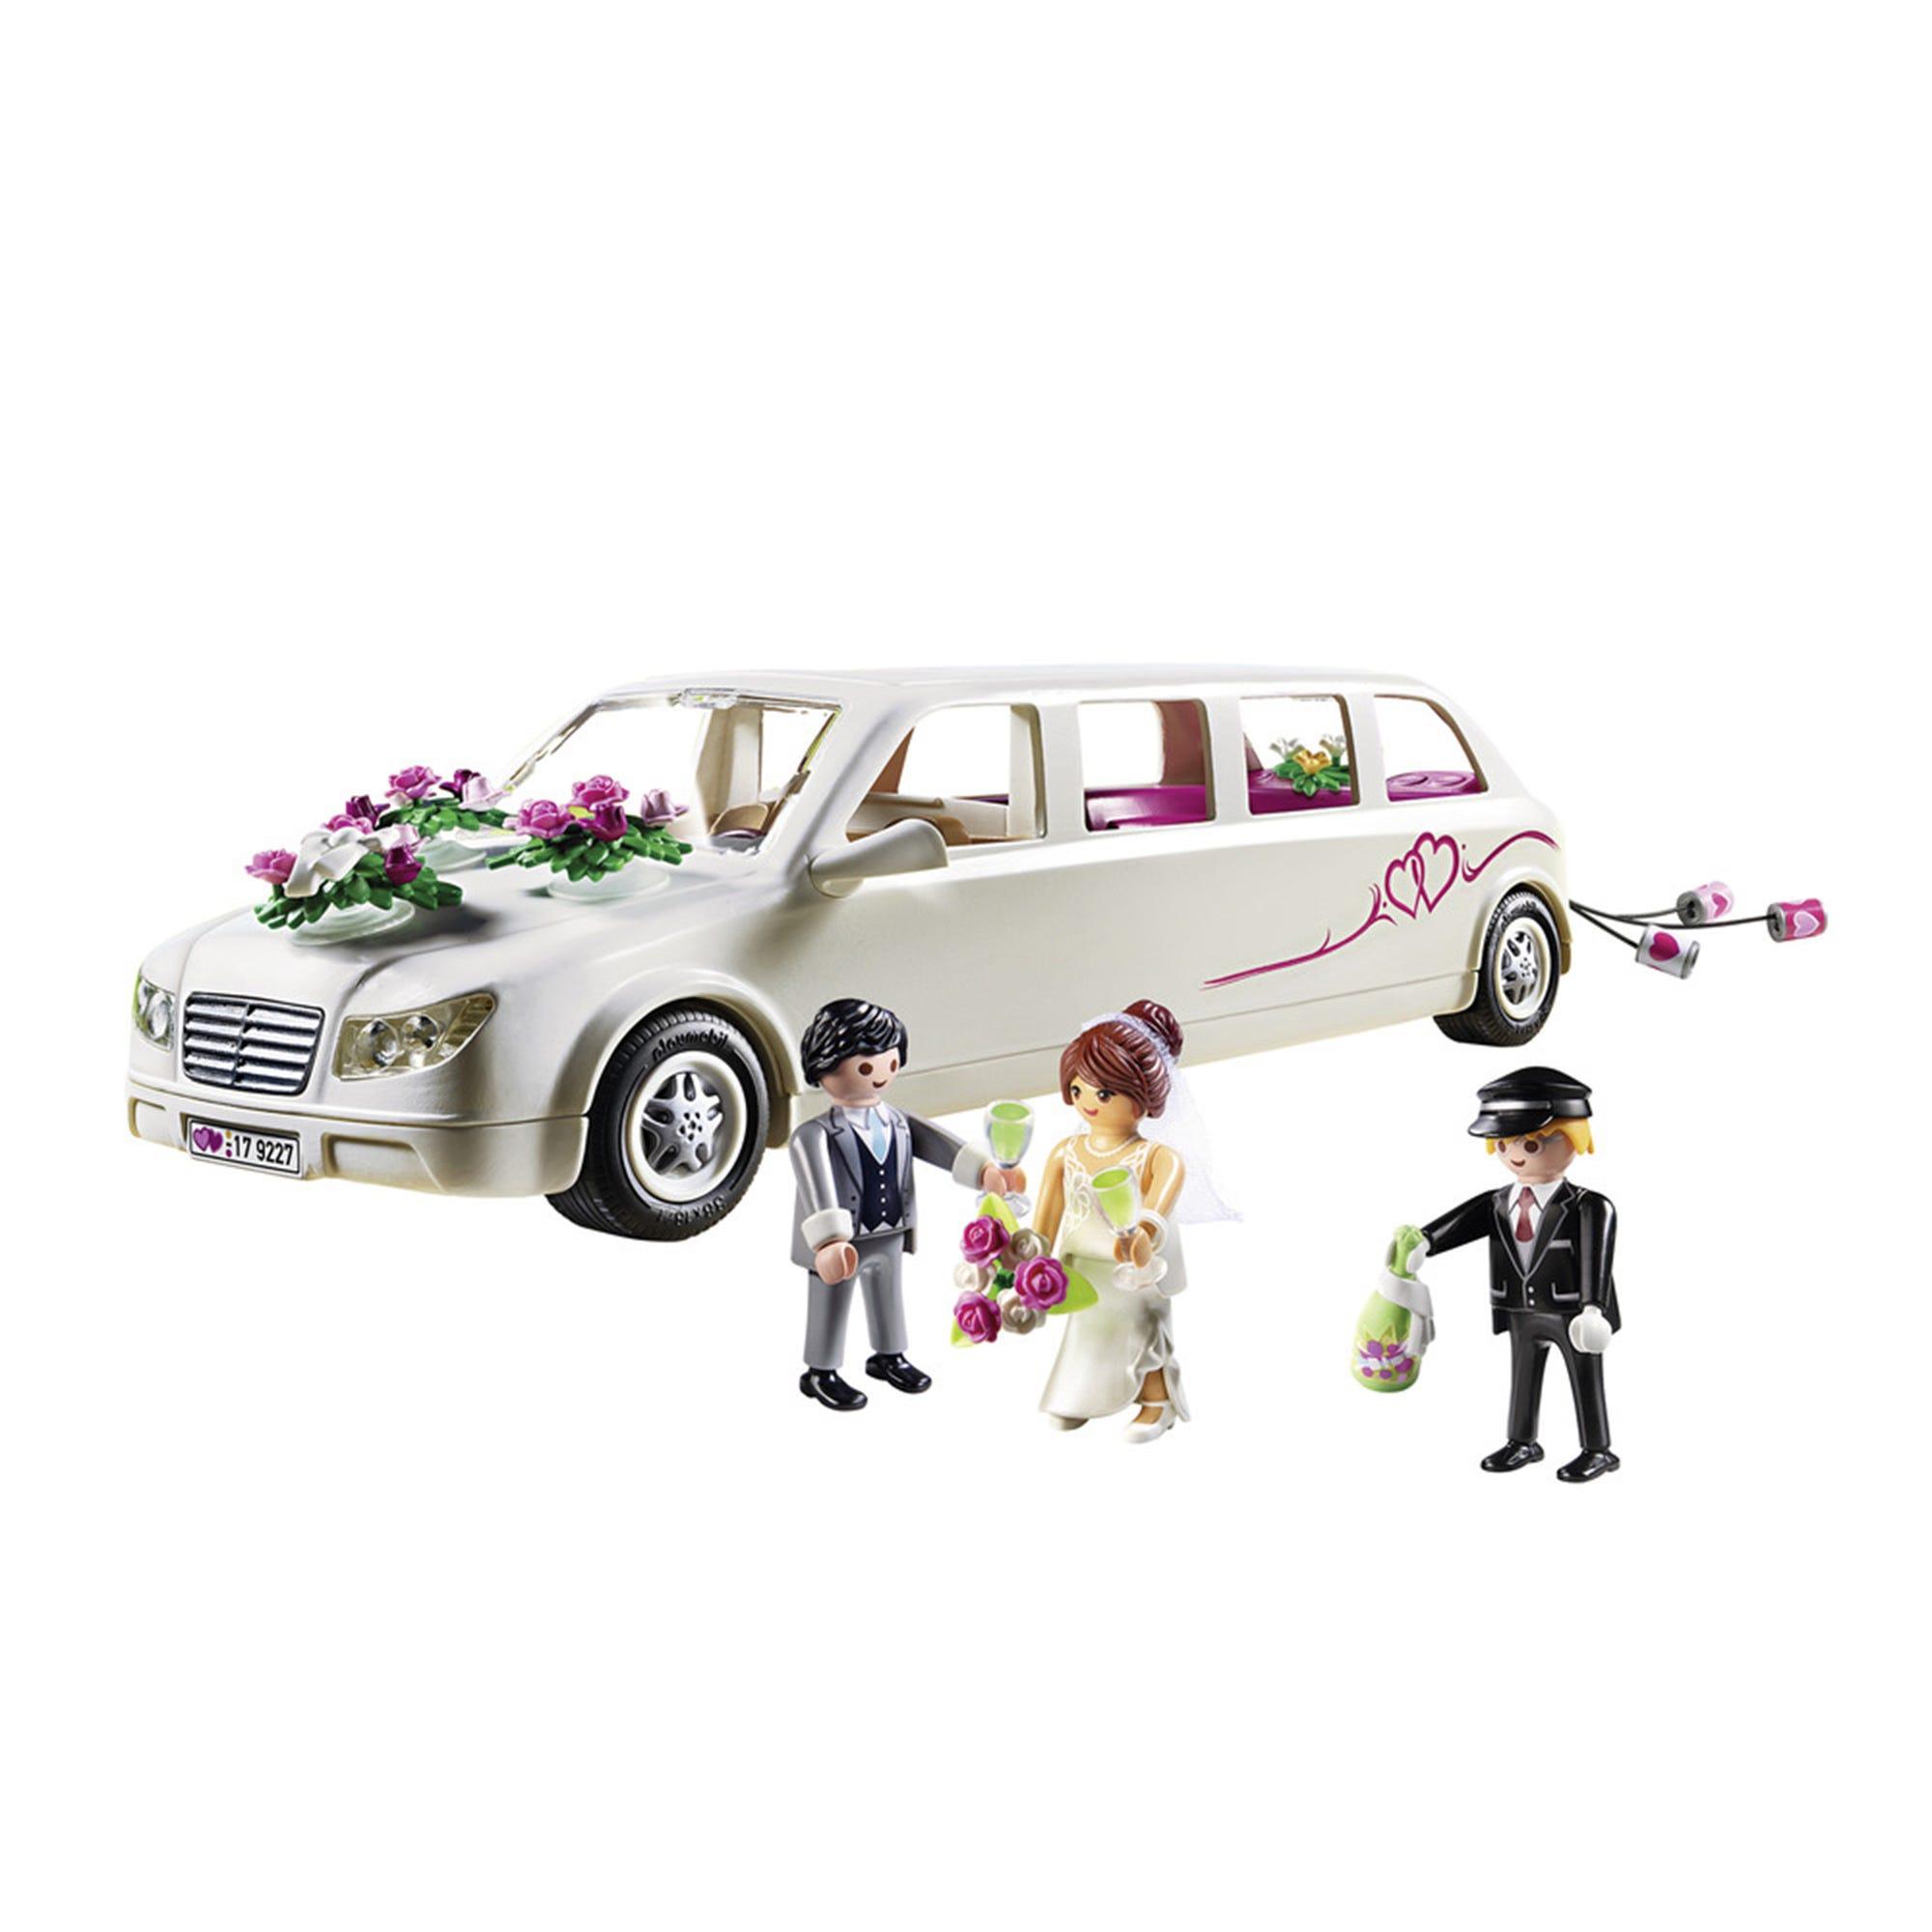 Playmobil City Life Wedding Limo 9227